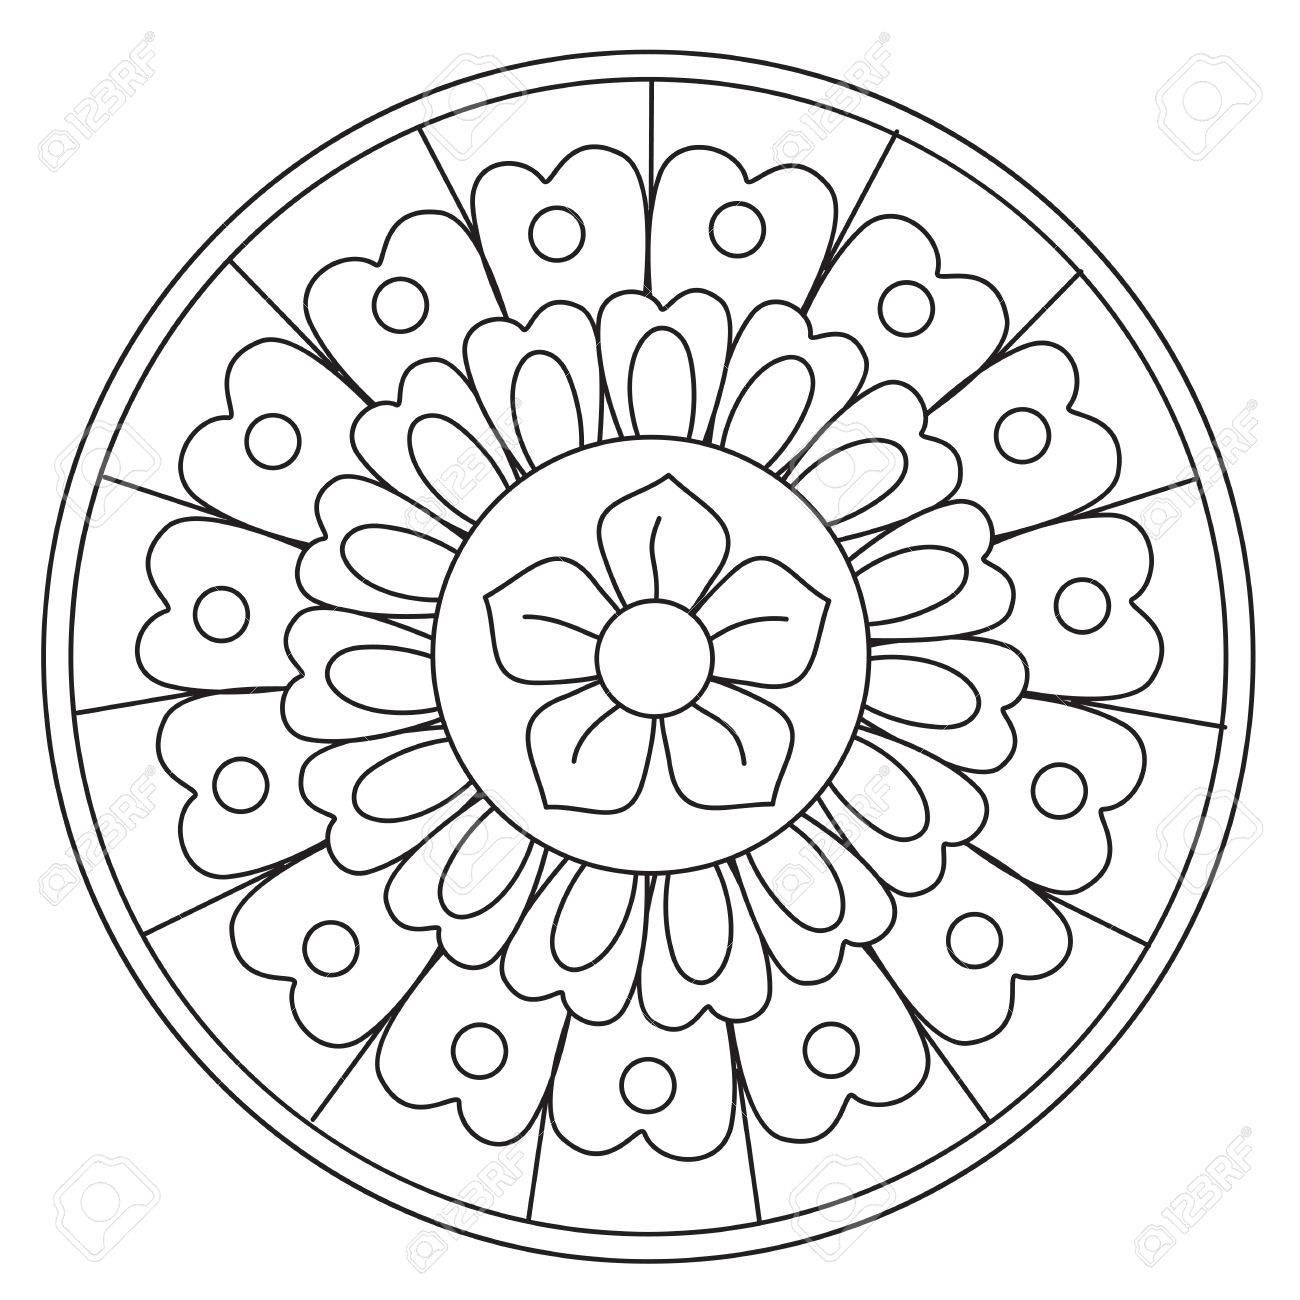 Coloriage De Vecteur Simple Beauté Floral Mandala Rond Pour Les Enfants tout Mandala À Imprimer Facile